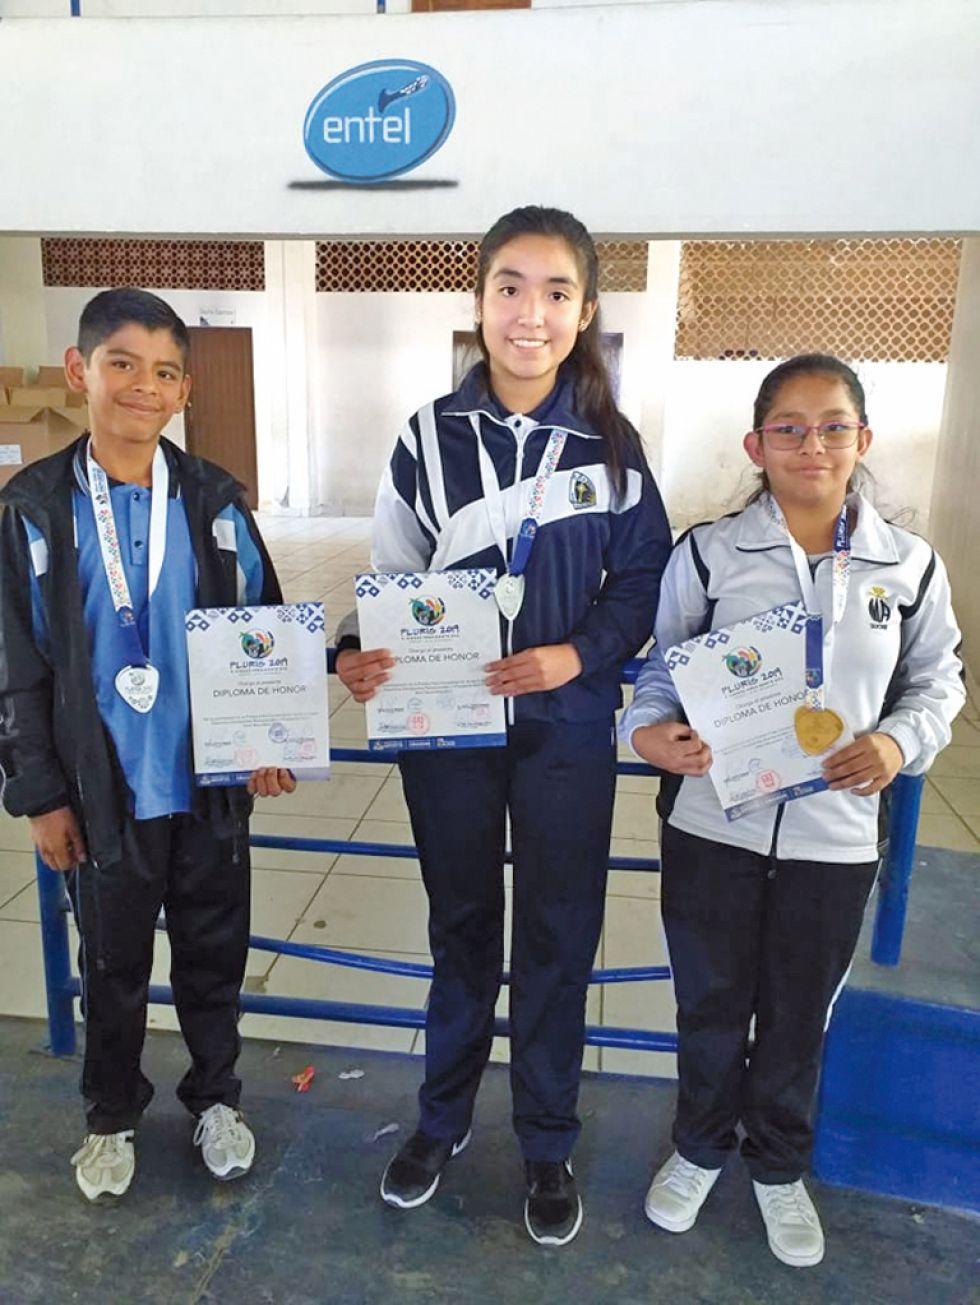 Jairo Pereira, María Velásquez y Natalia Bustillos.